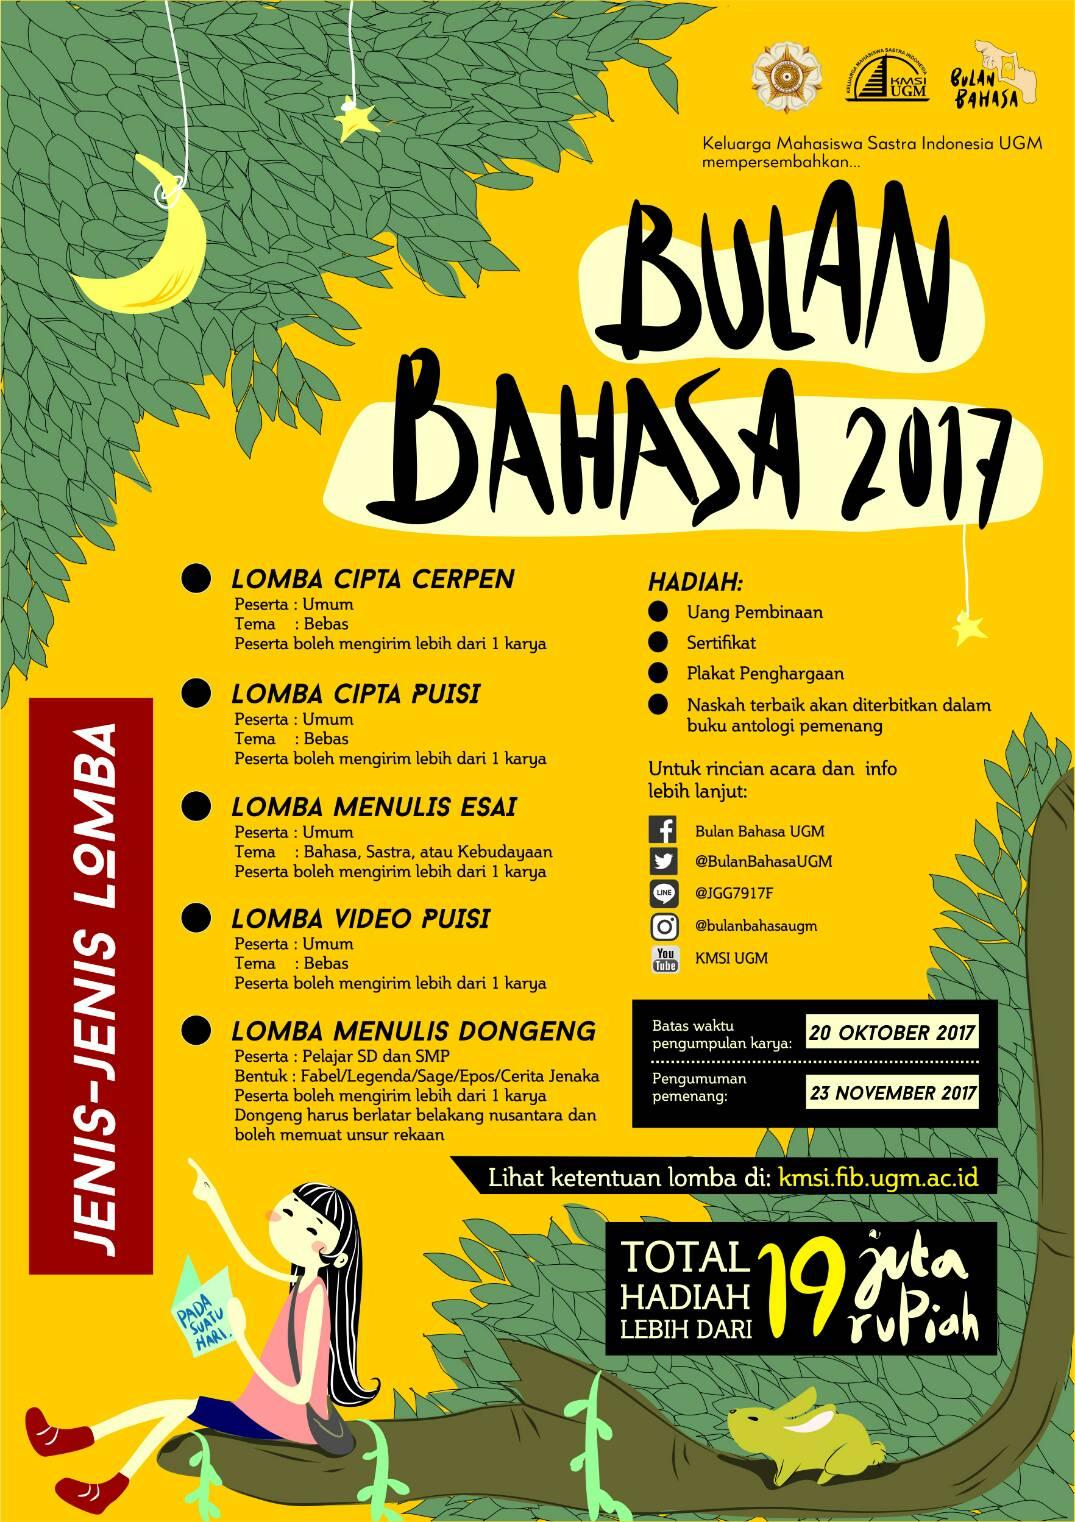 Lomba Menulis Esai Bulan Bahasa 2017 | Univ. Gadjah Mada | Umum